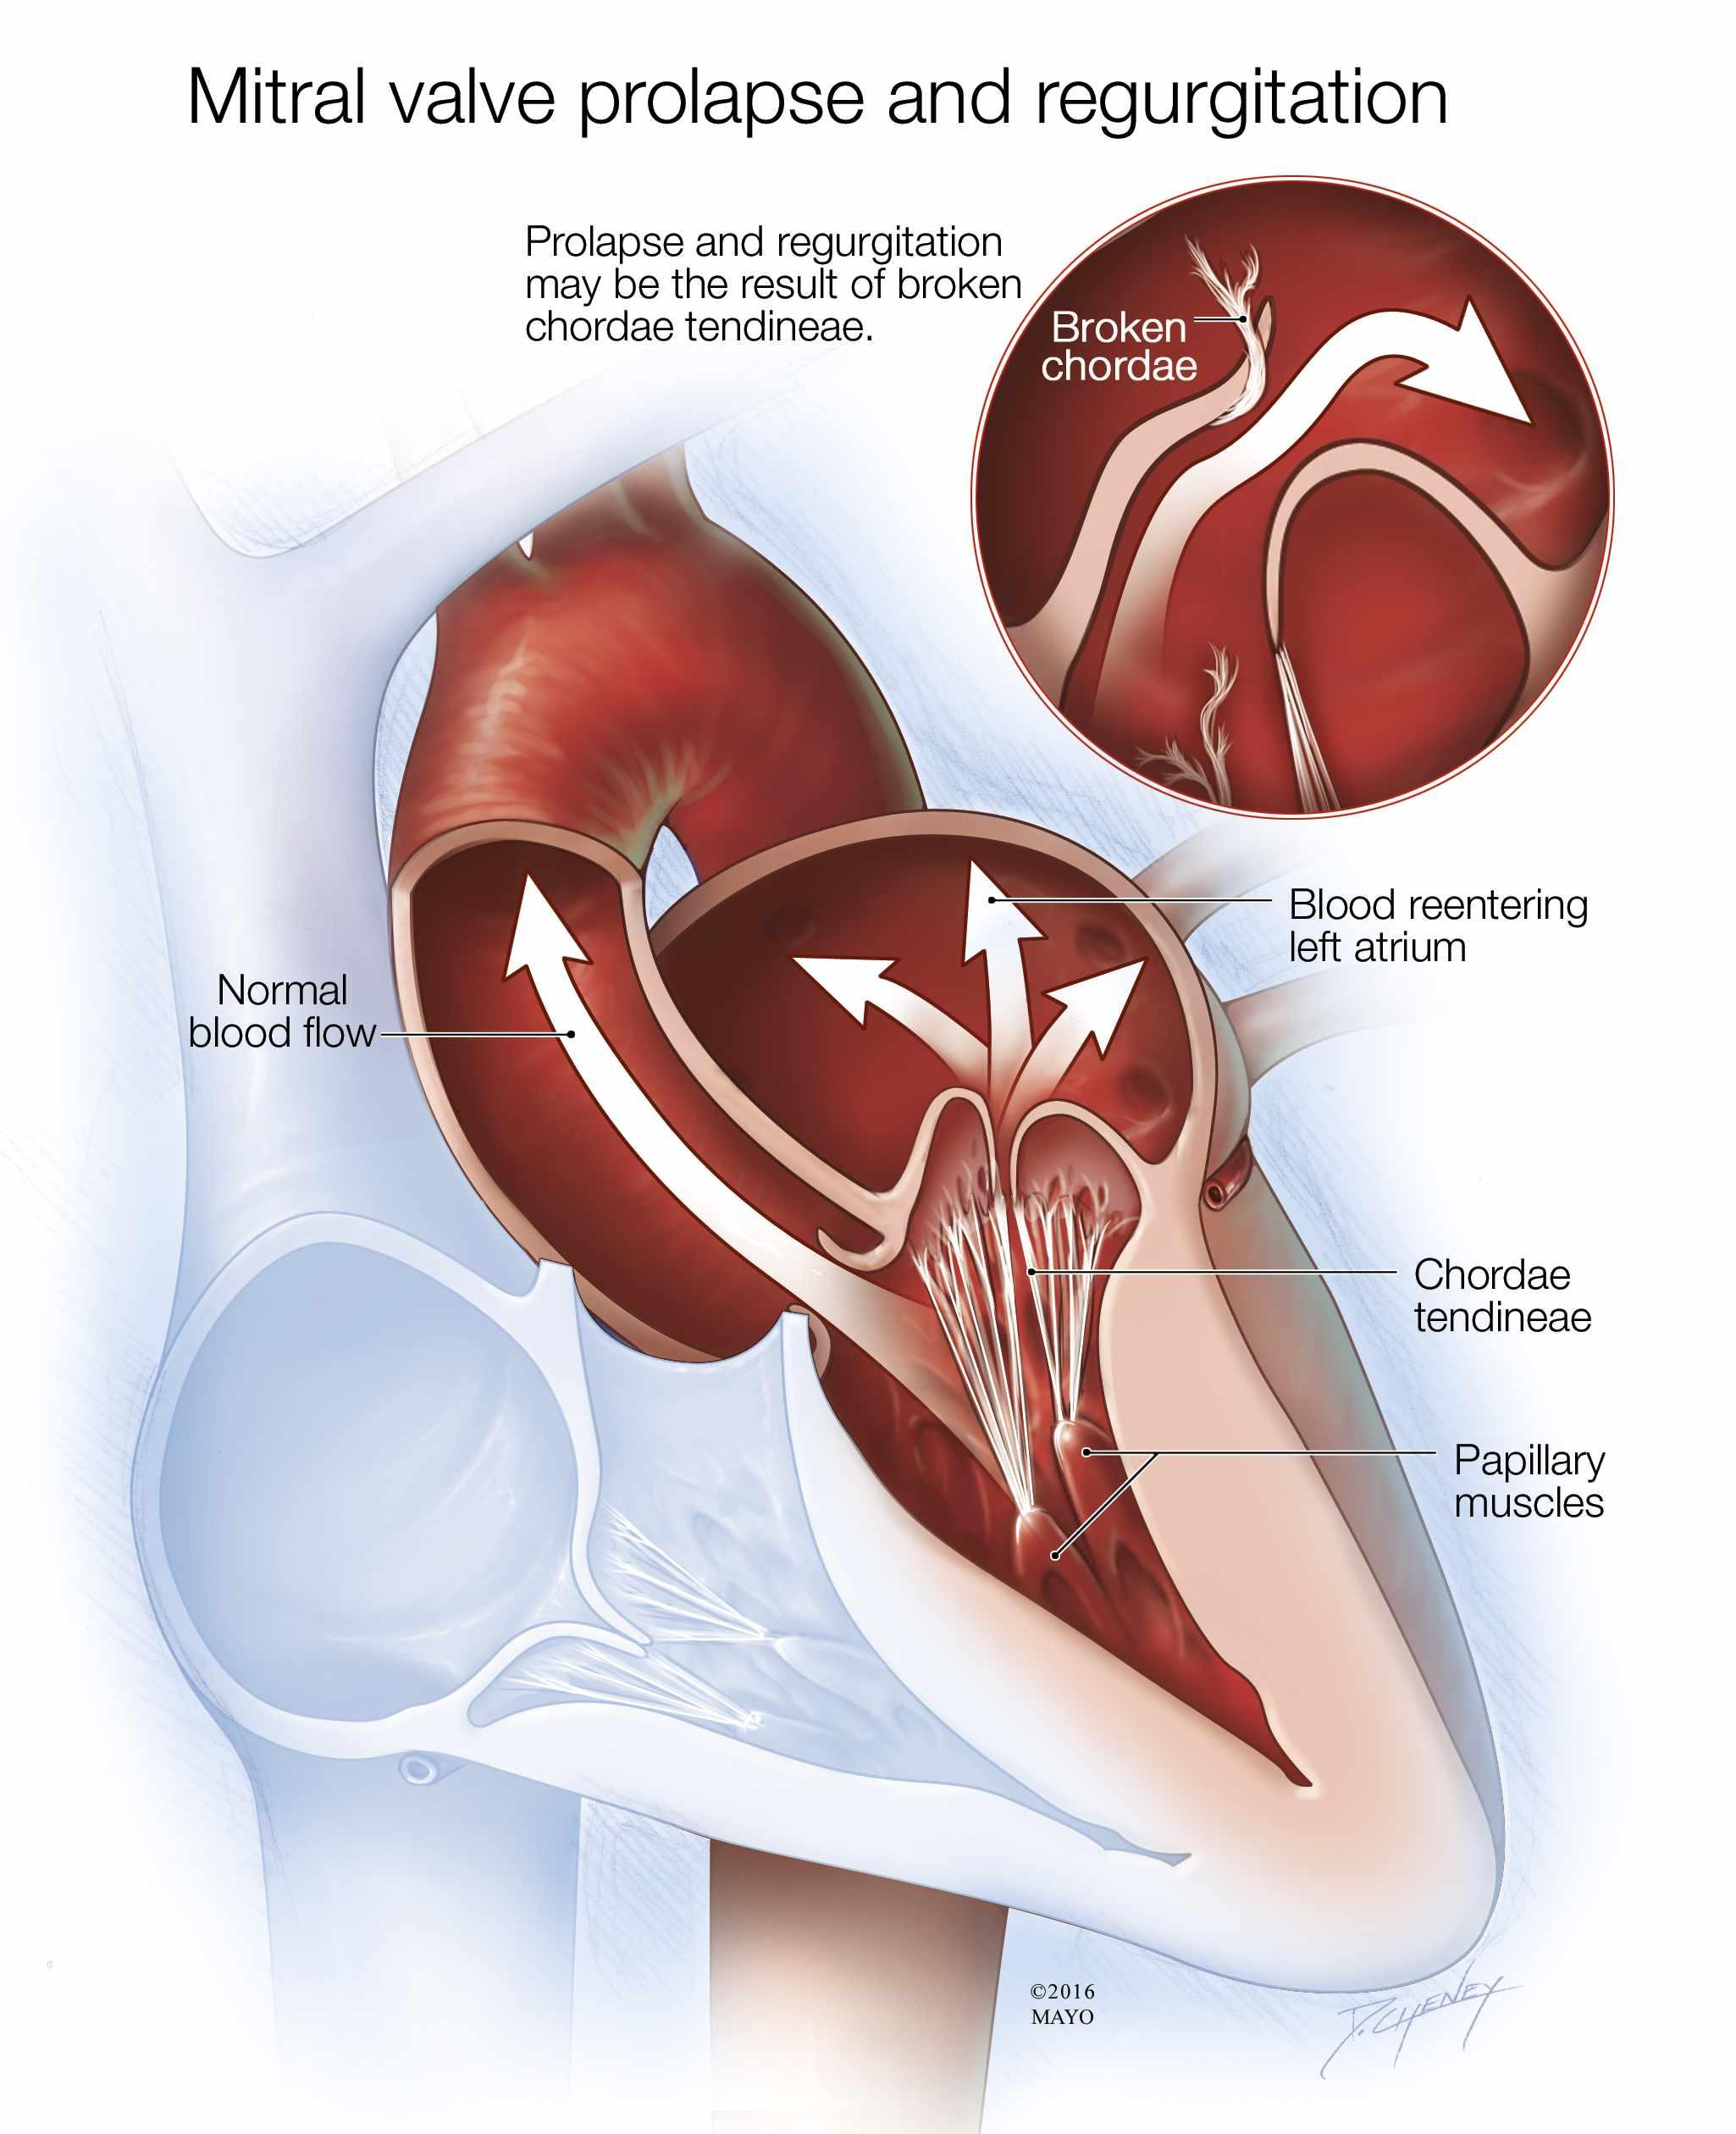 Ilustración médica del prolapso y la regurgitación de la válvula mitral